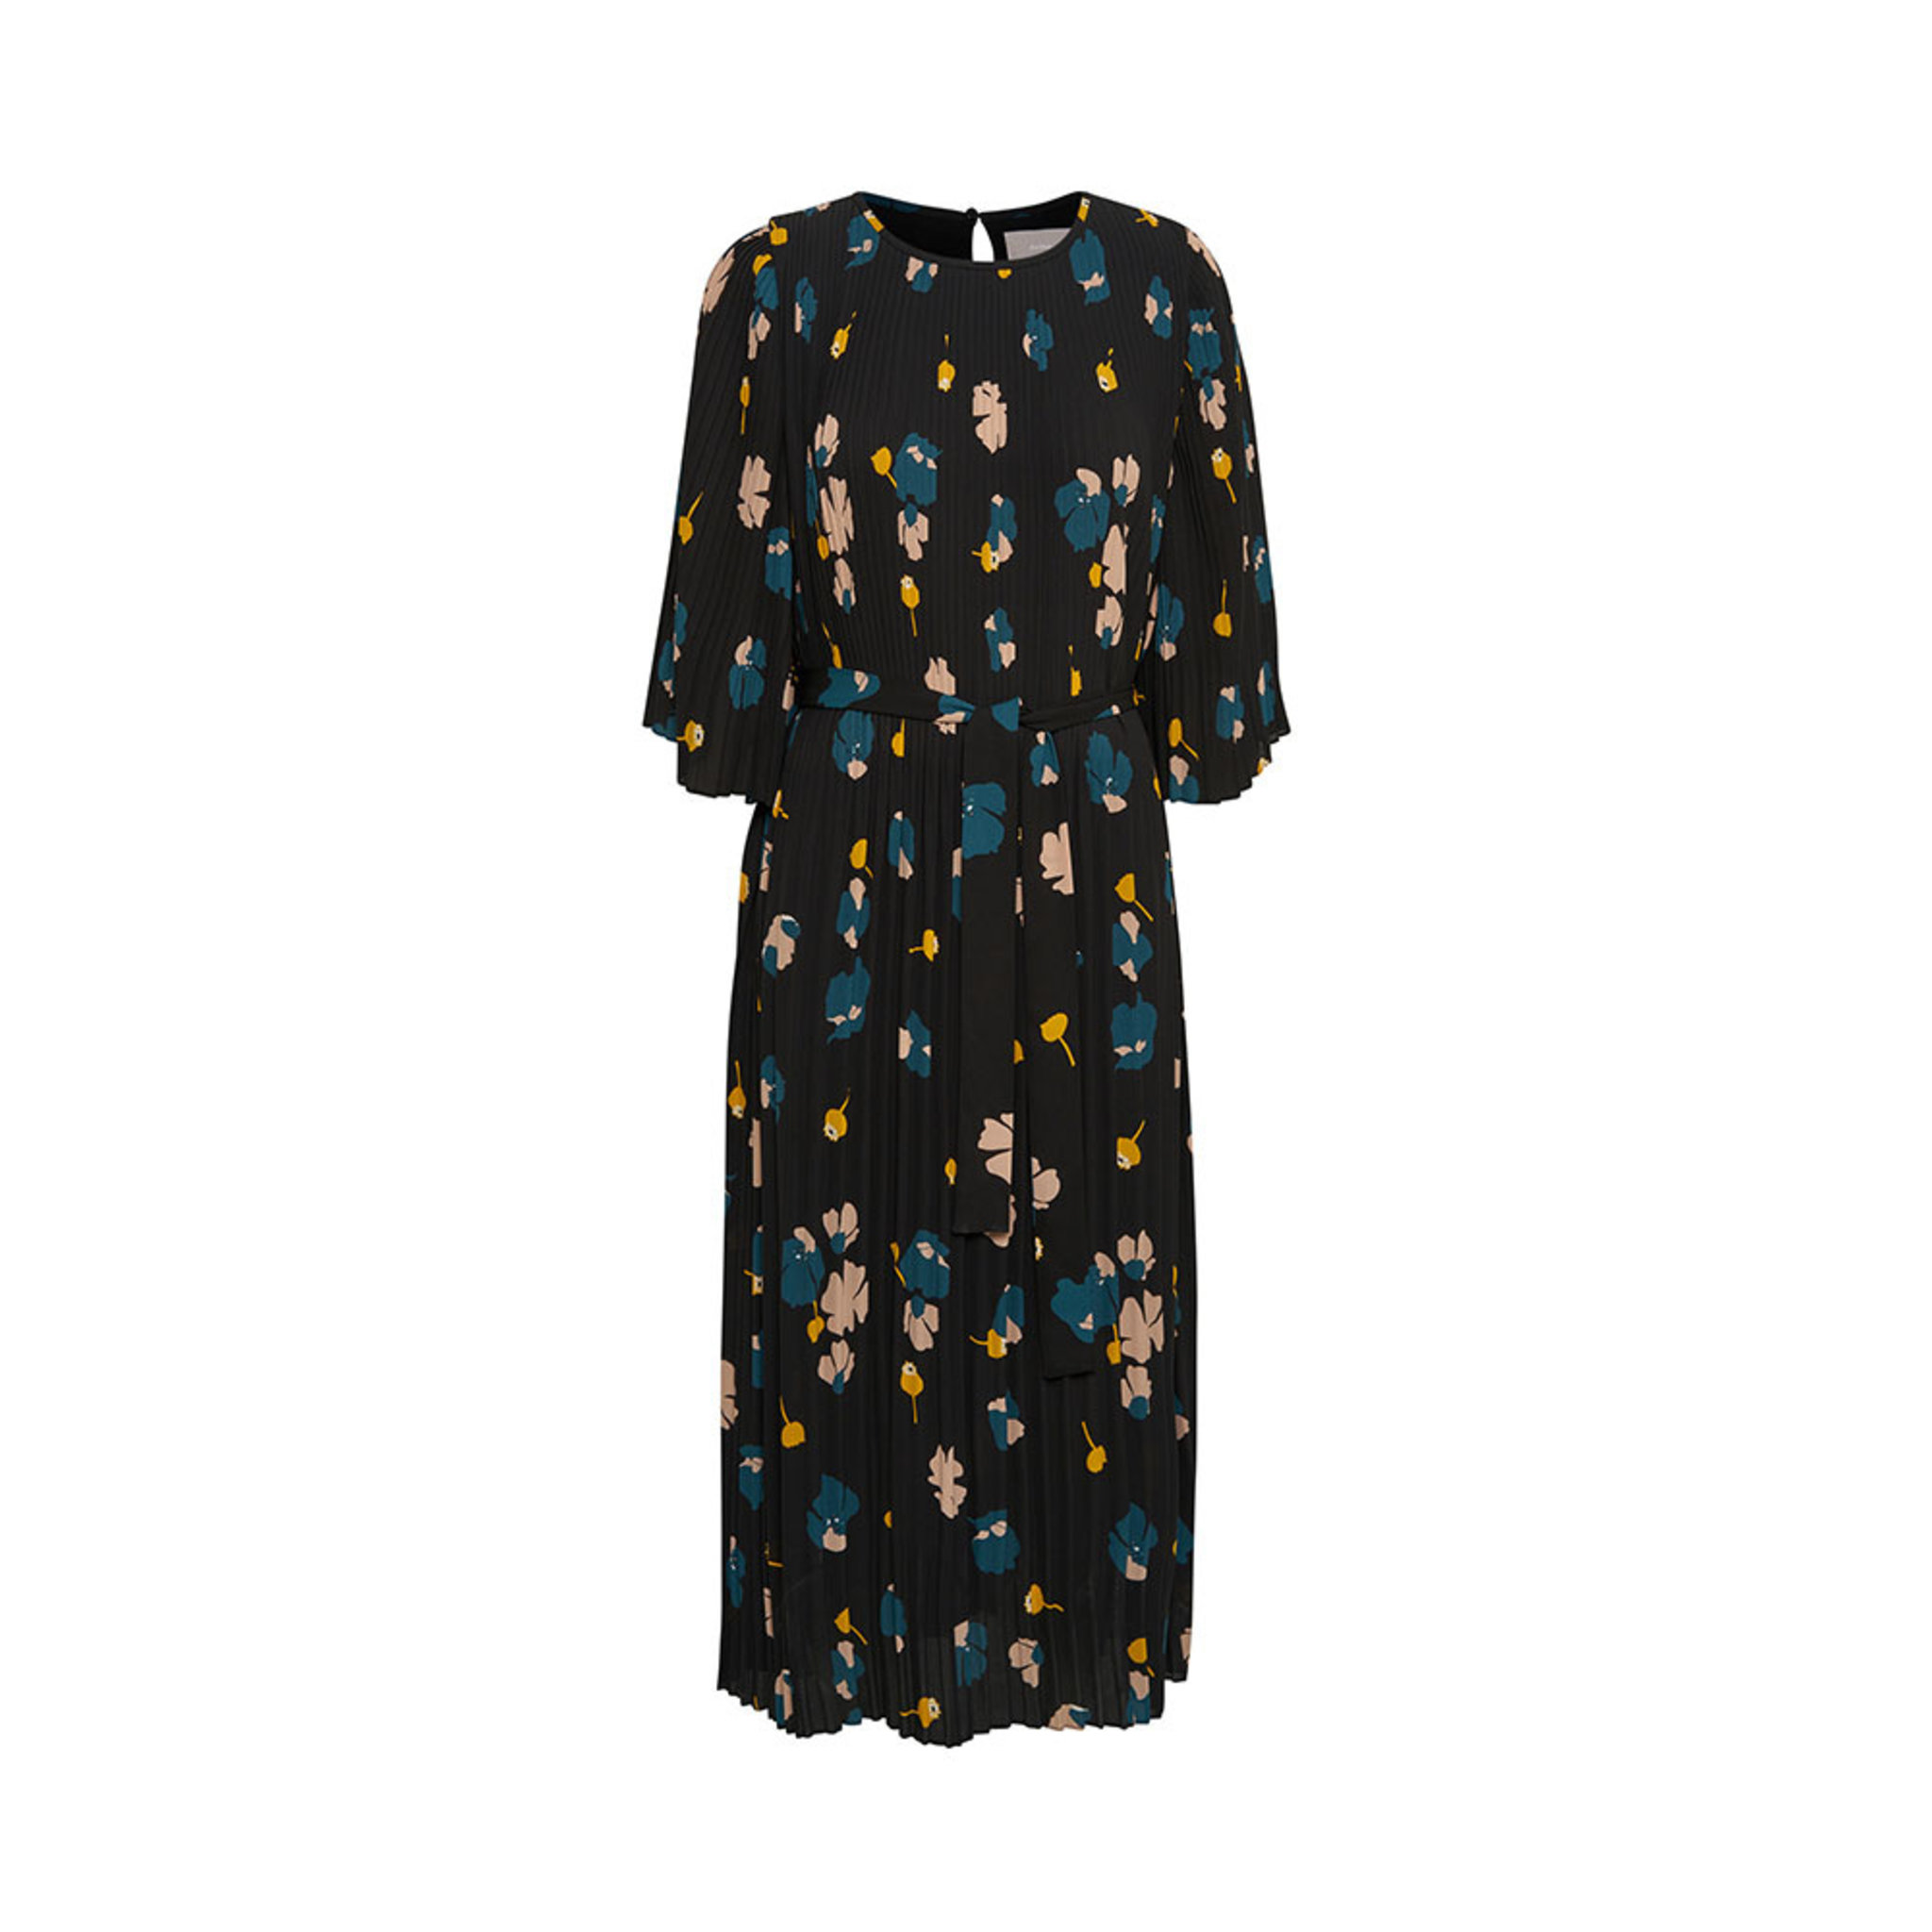 Malika Dress - Långklänningar - Köp online på åhlens.se! 3960249a13d7c